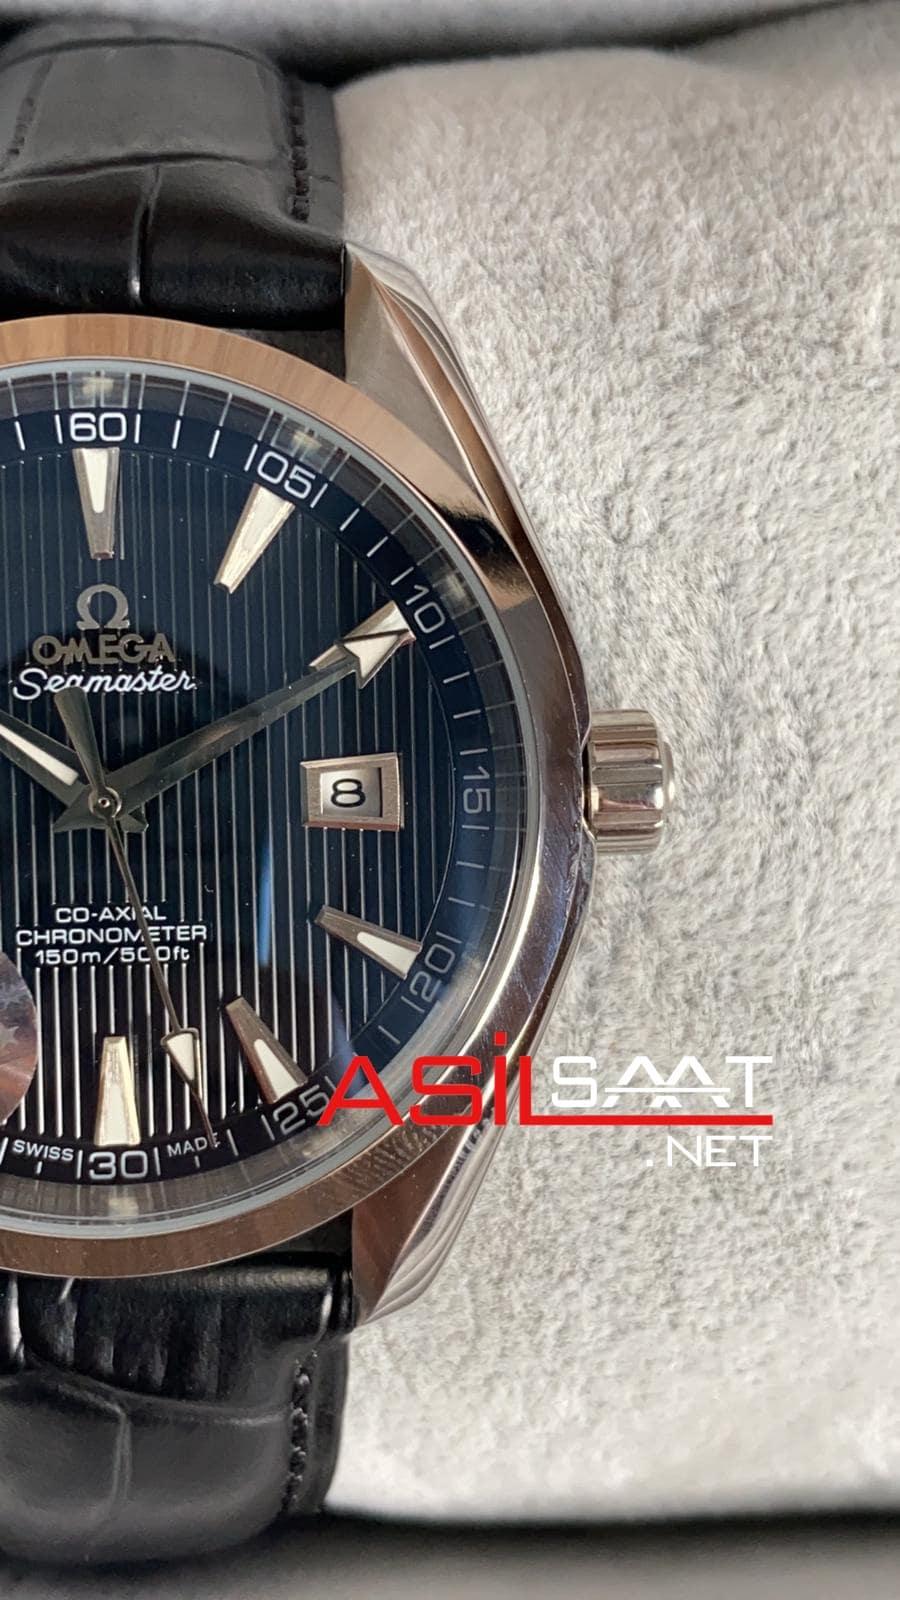 OMEGA Seamaster Aqua Terra OSAT006